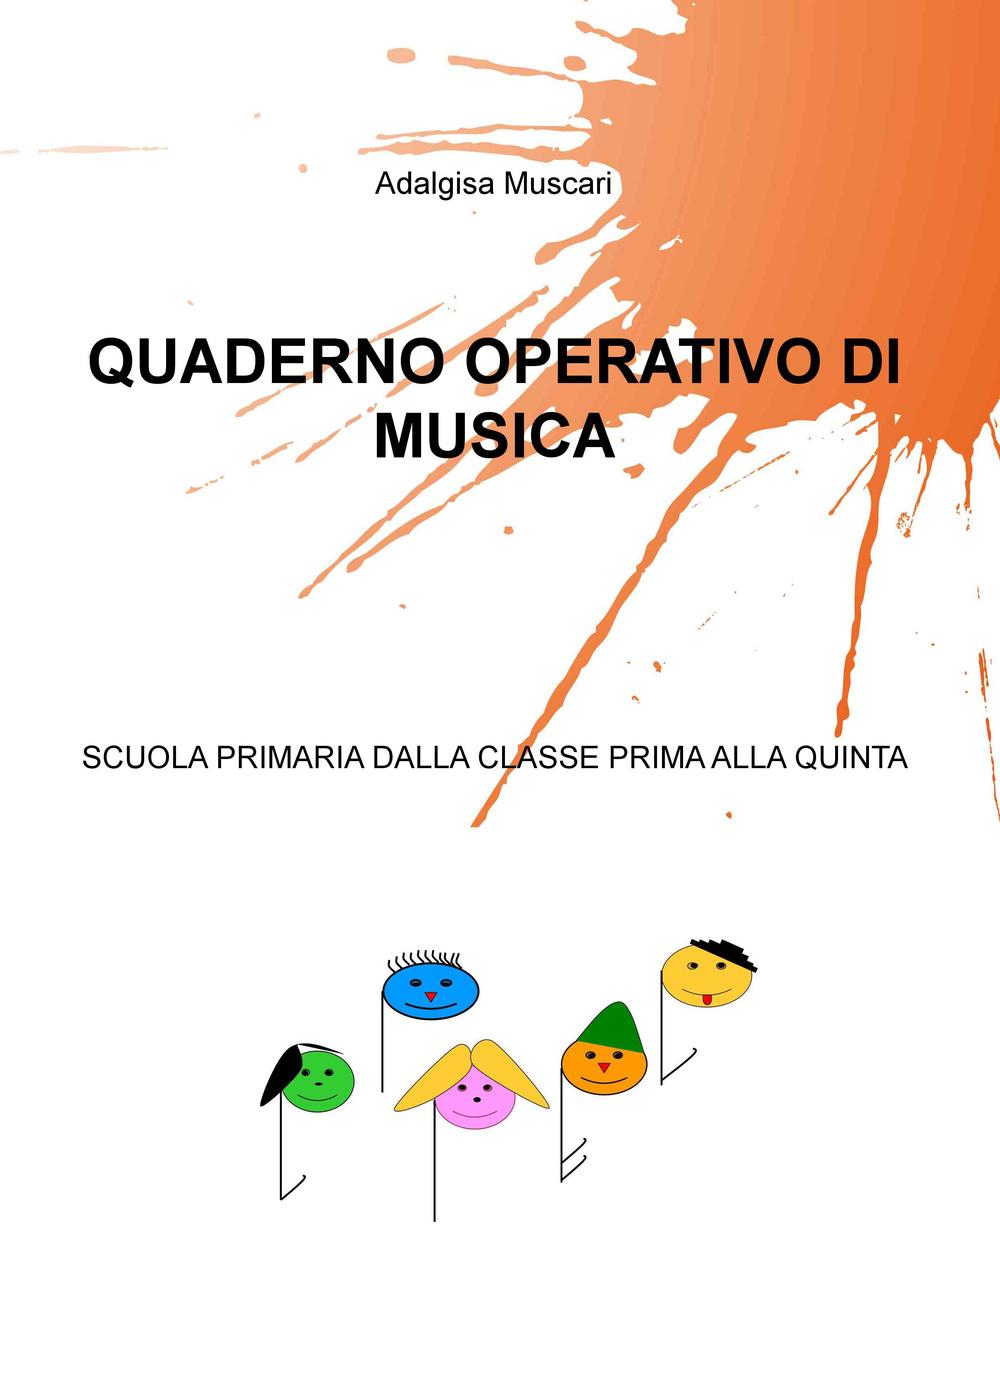 Quaderno operativo di musica. Scuola primaria dalla classe prima alla quinta